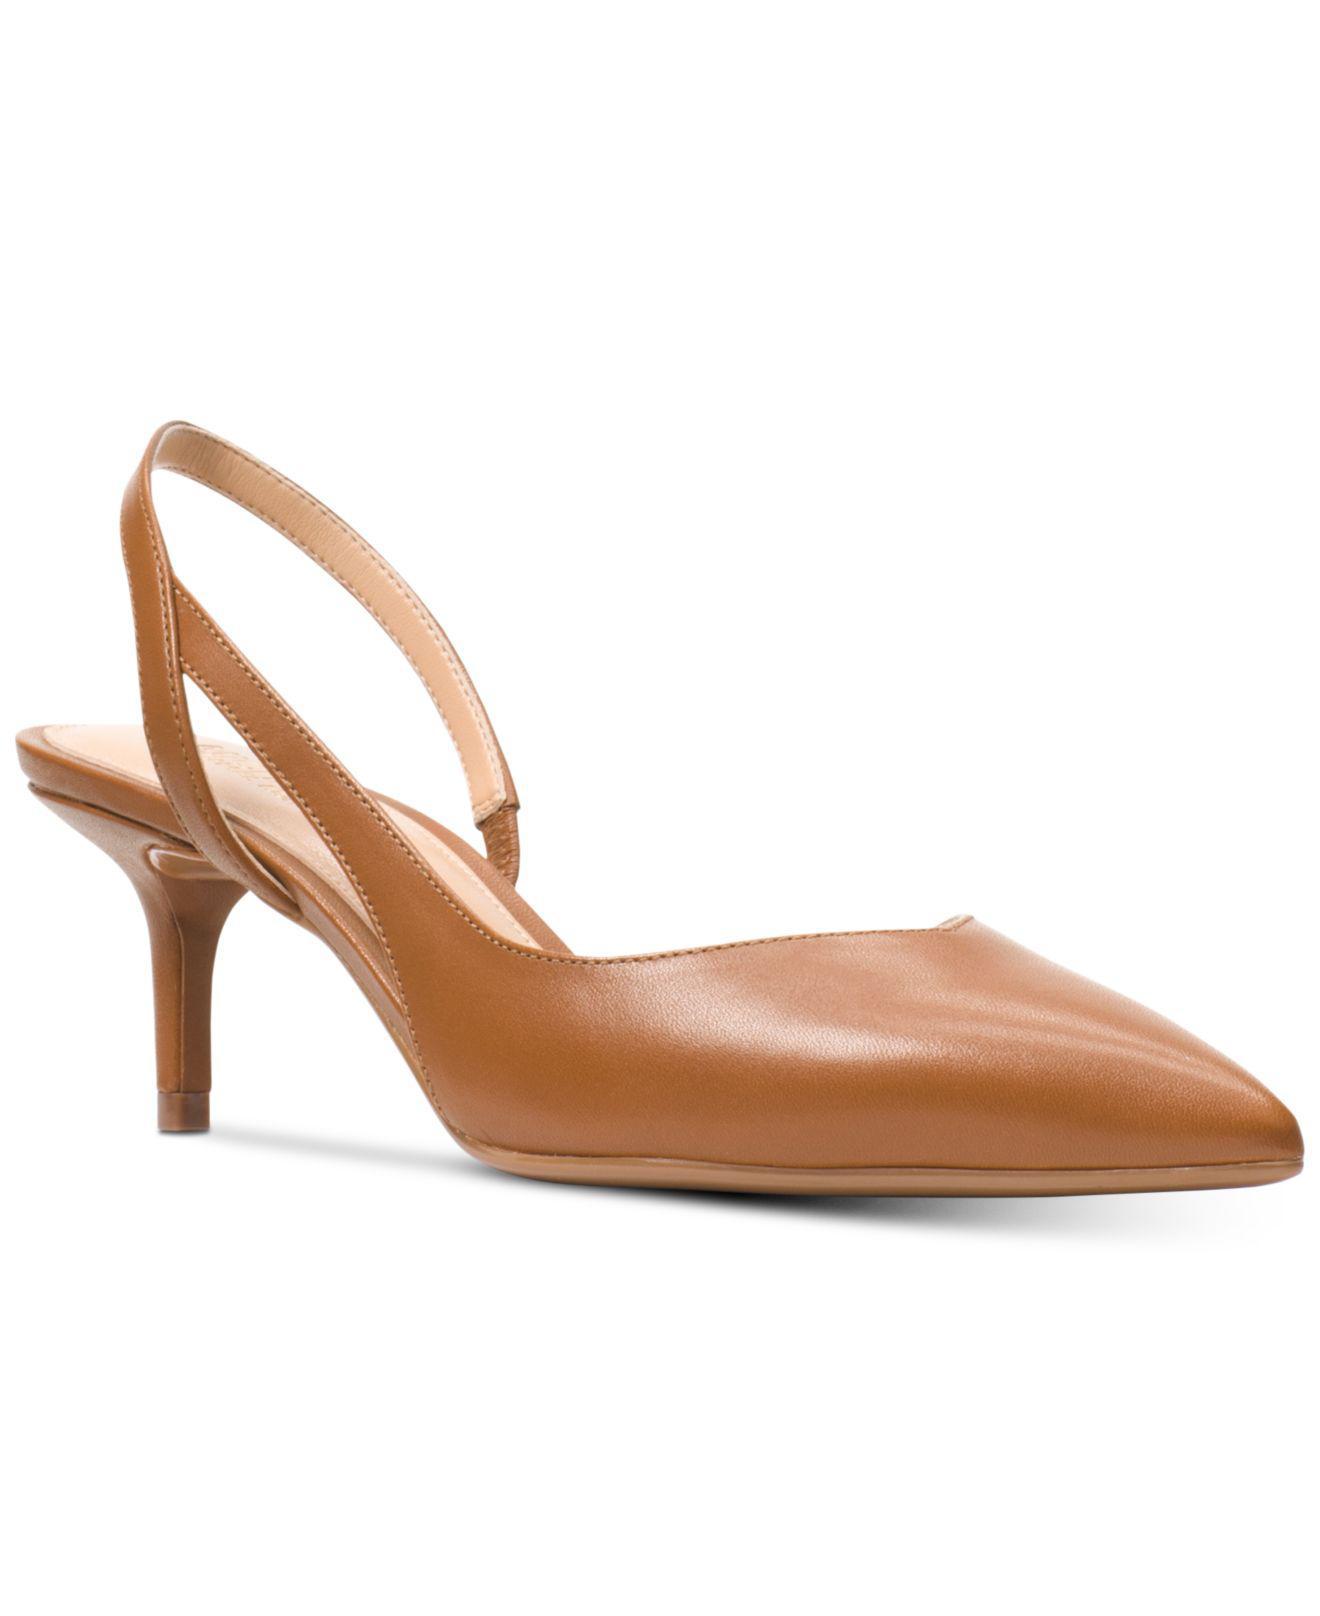 20298f40c87 Michael Kors Michael Eliza Flex Kitten-heel Pumps in Brown - Lyst